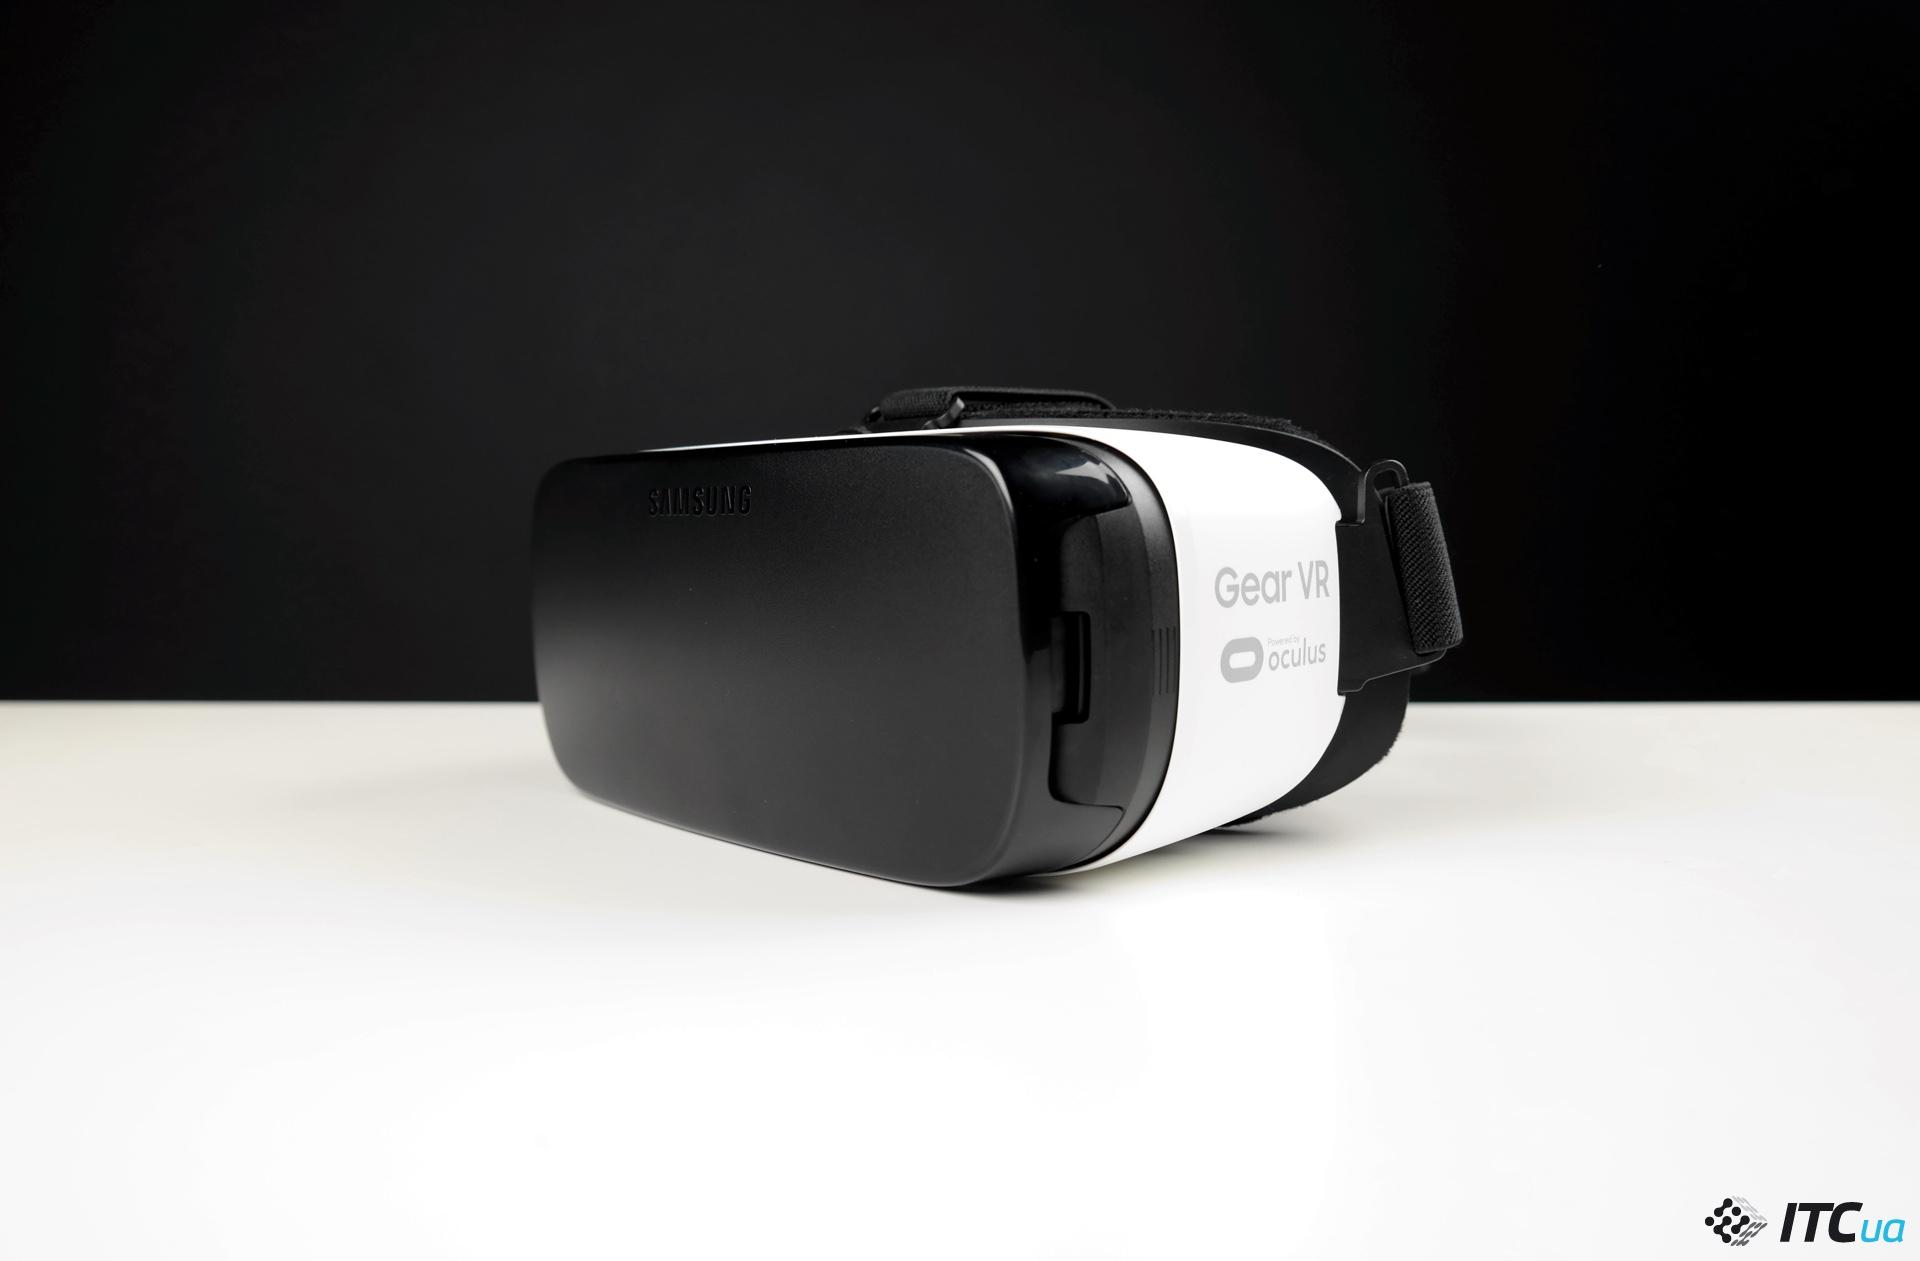 Очки виртуальной реальности gear vr обзор насадки для моторов для дрона мавик айр